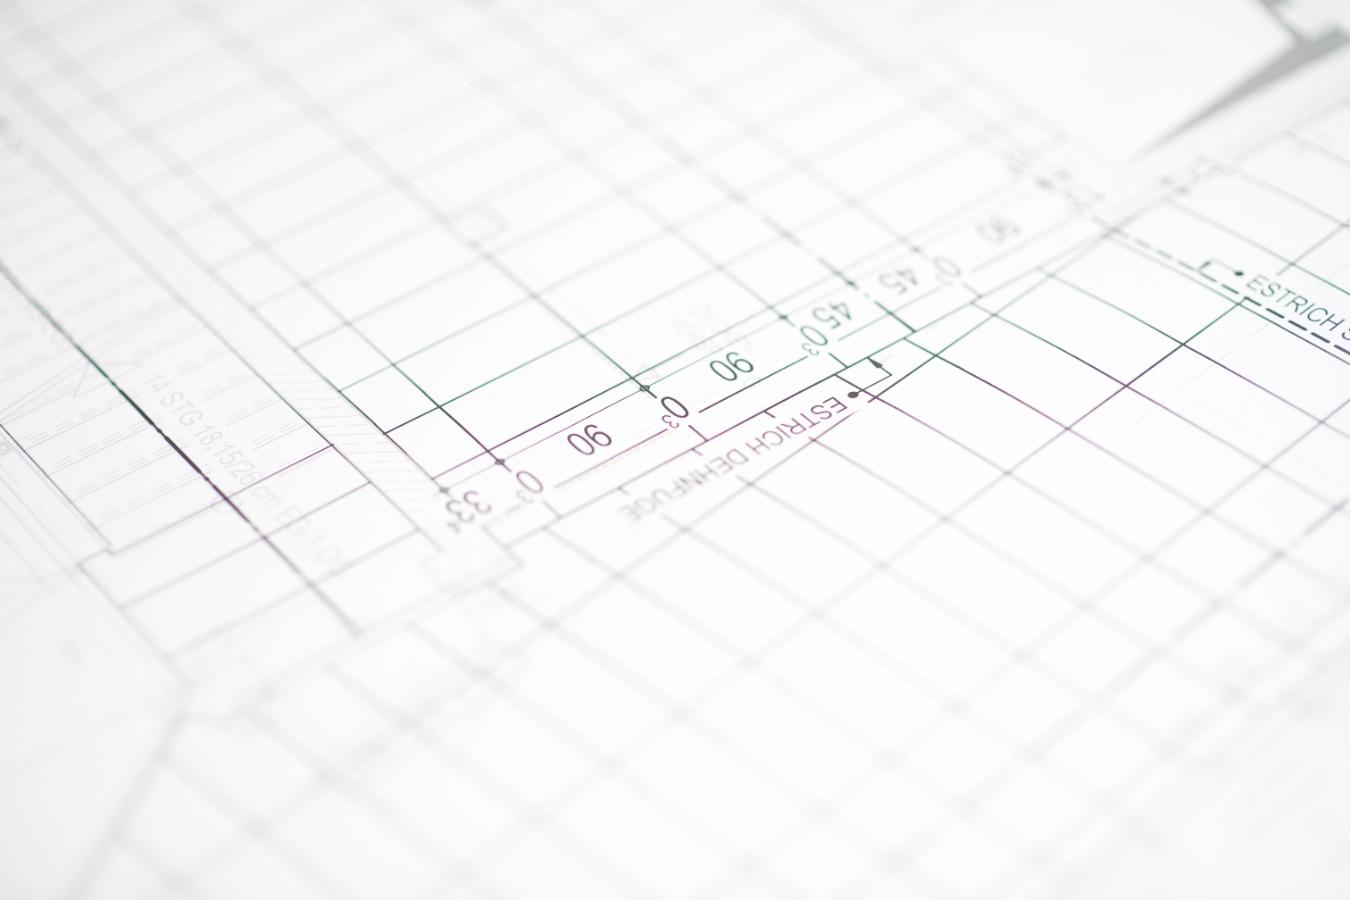 ökonomische lösungen für architektur